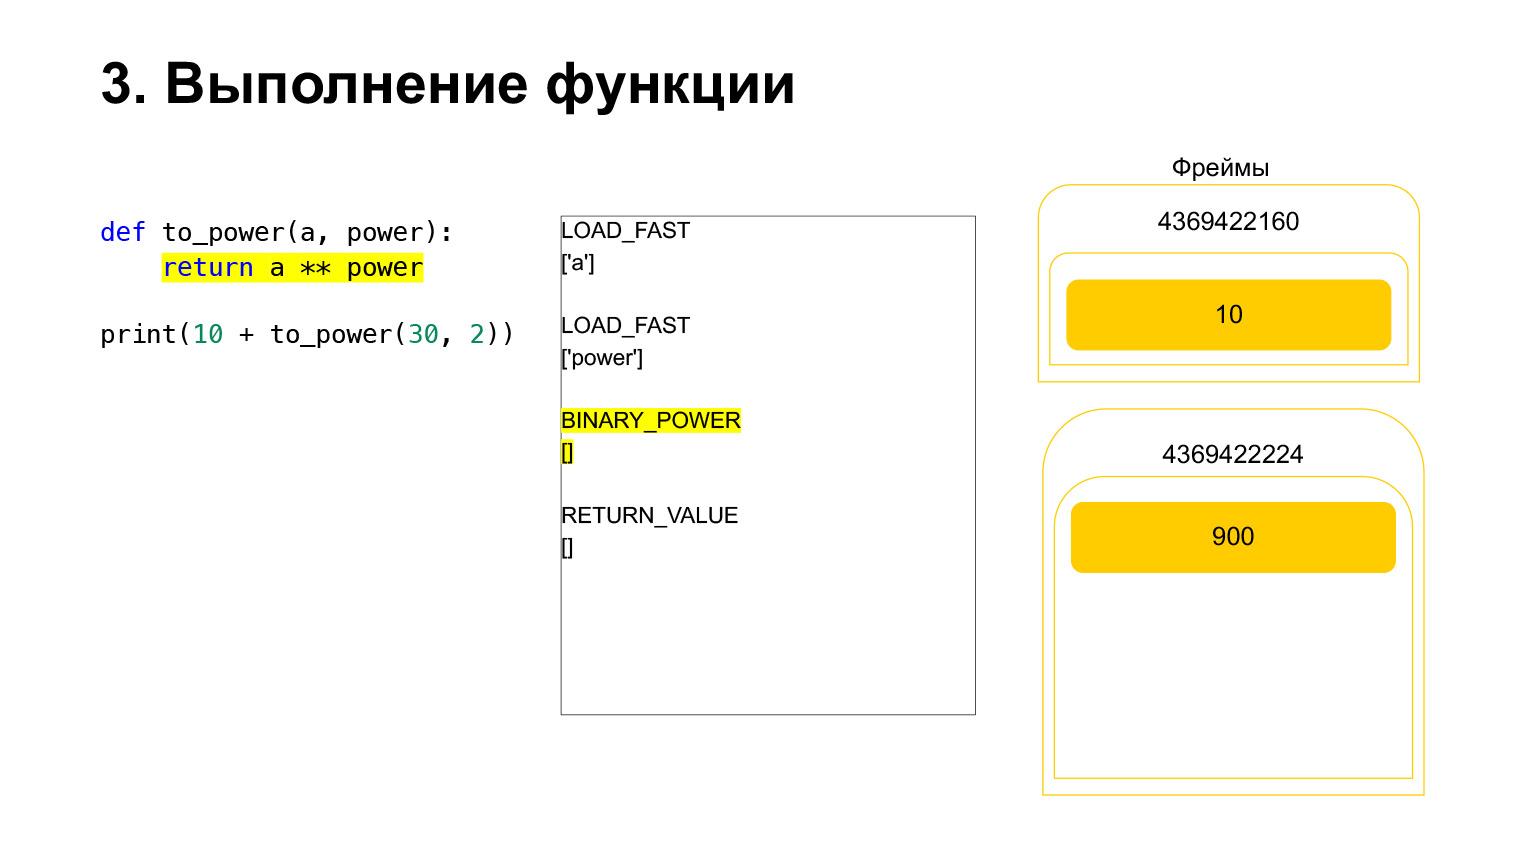 Устройство CPython. Доклад Яндекса - 23